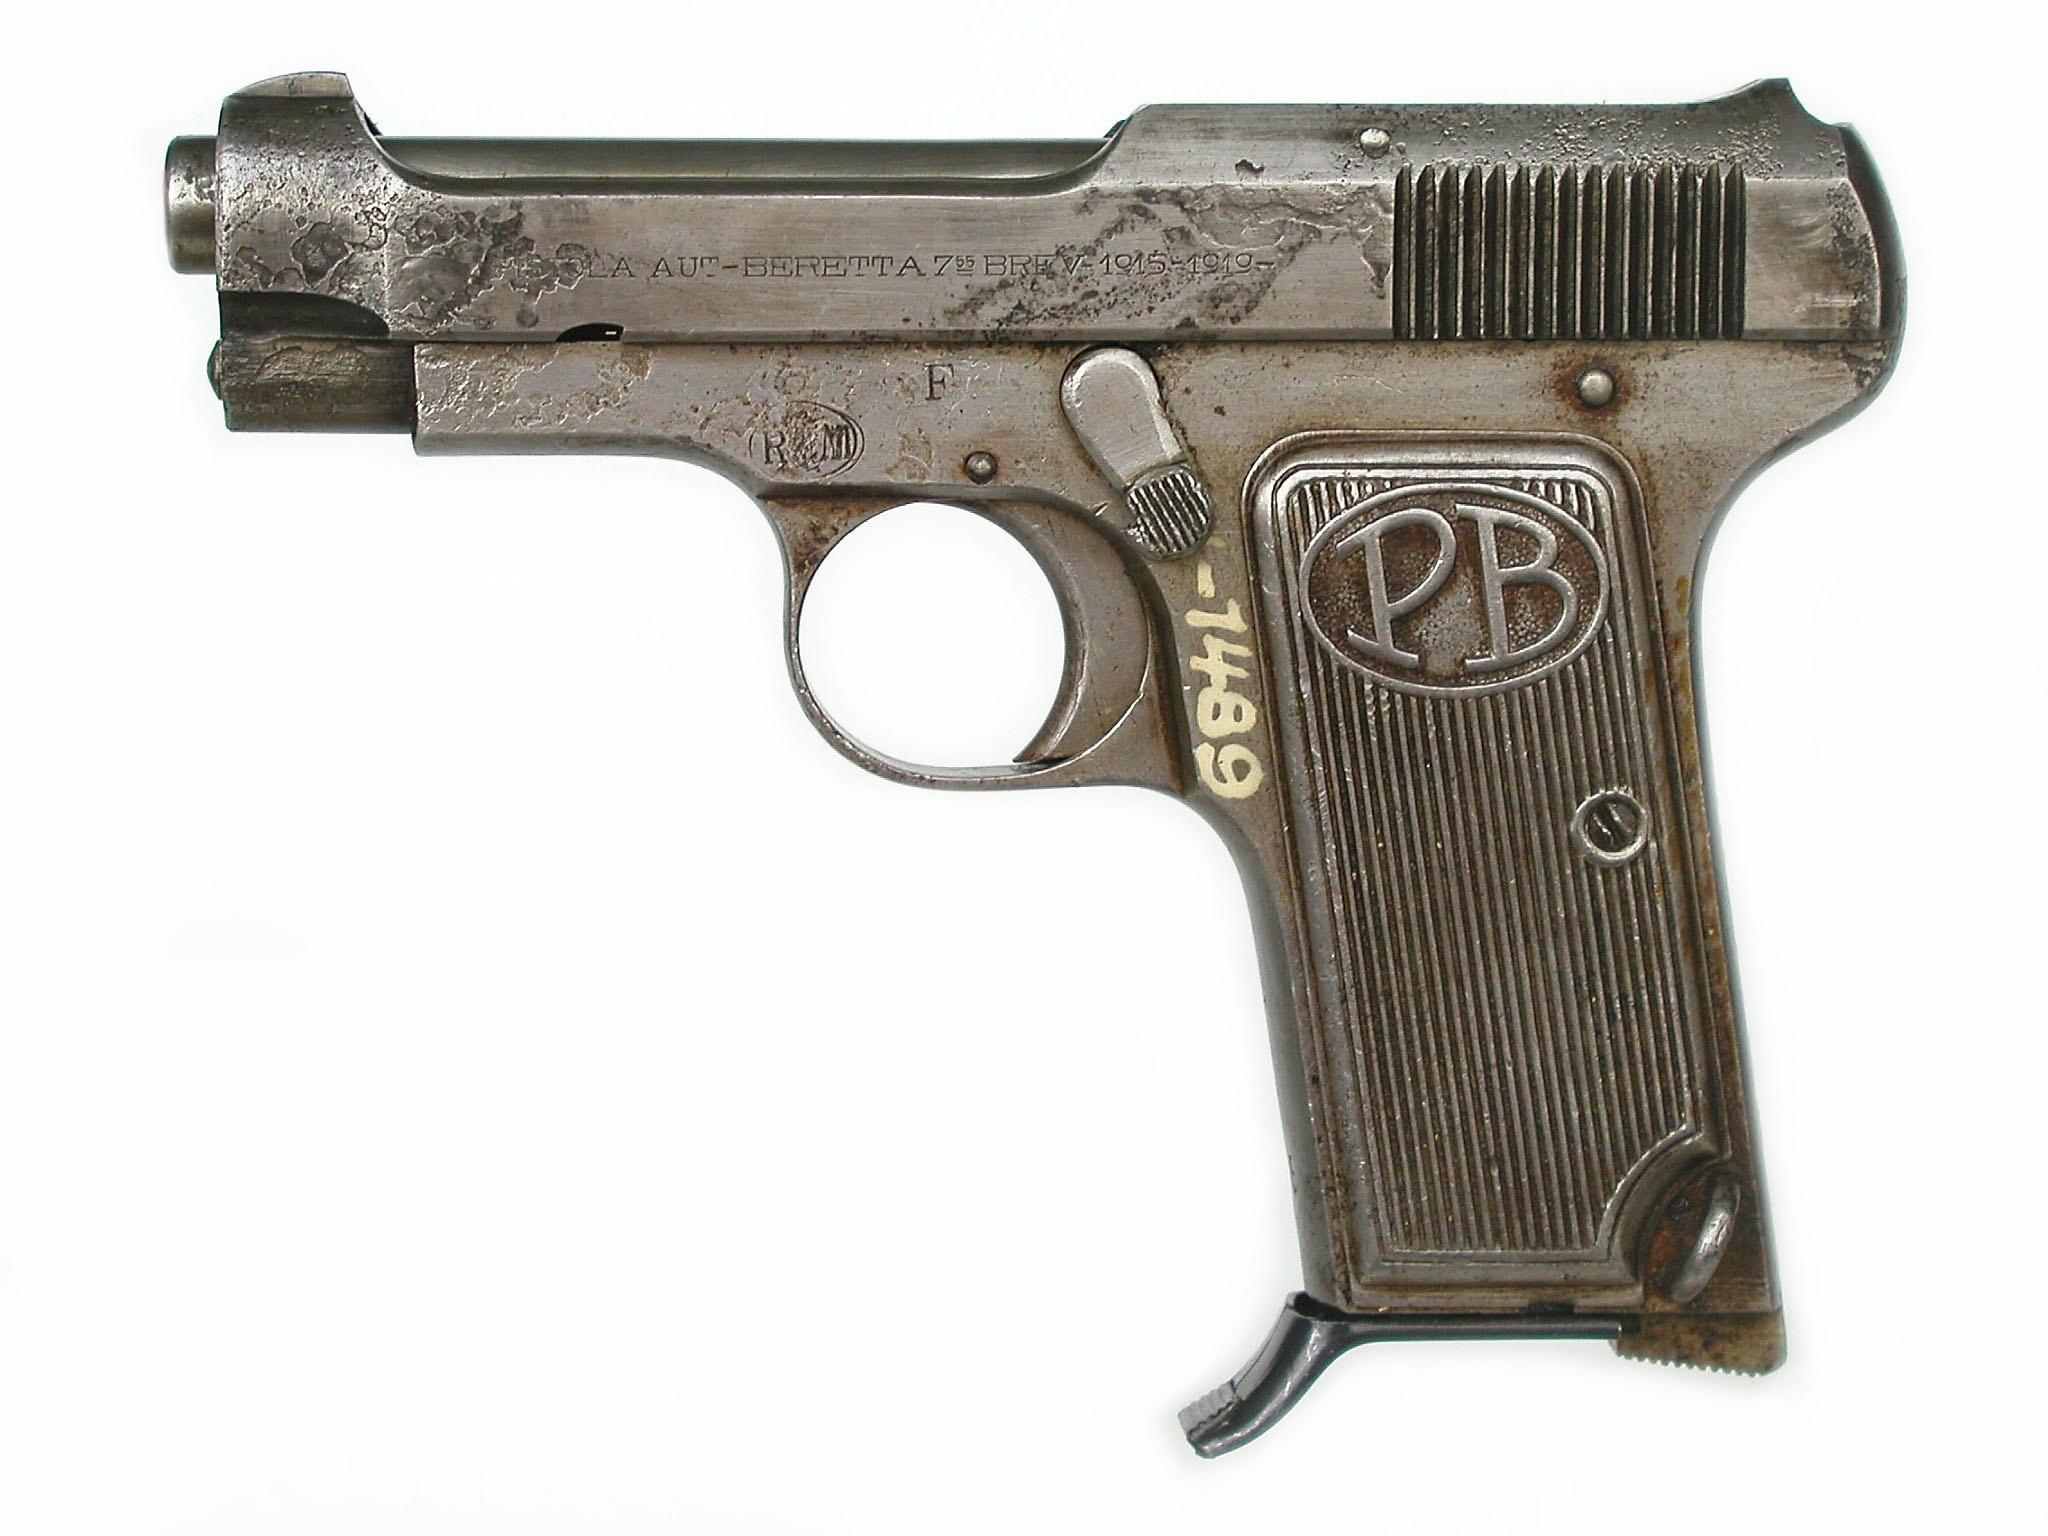 Italská pistole Beretta model 1922